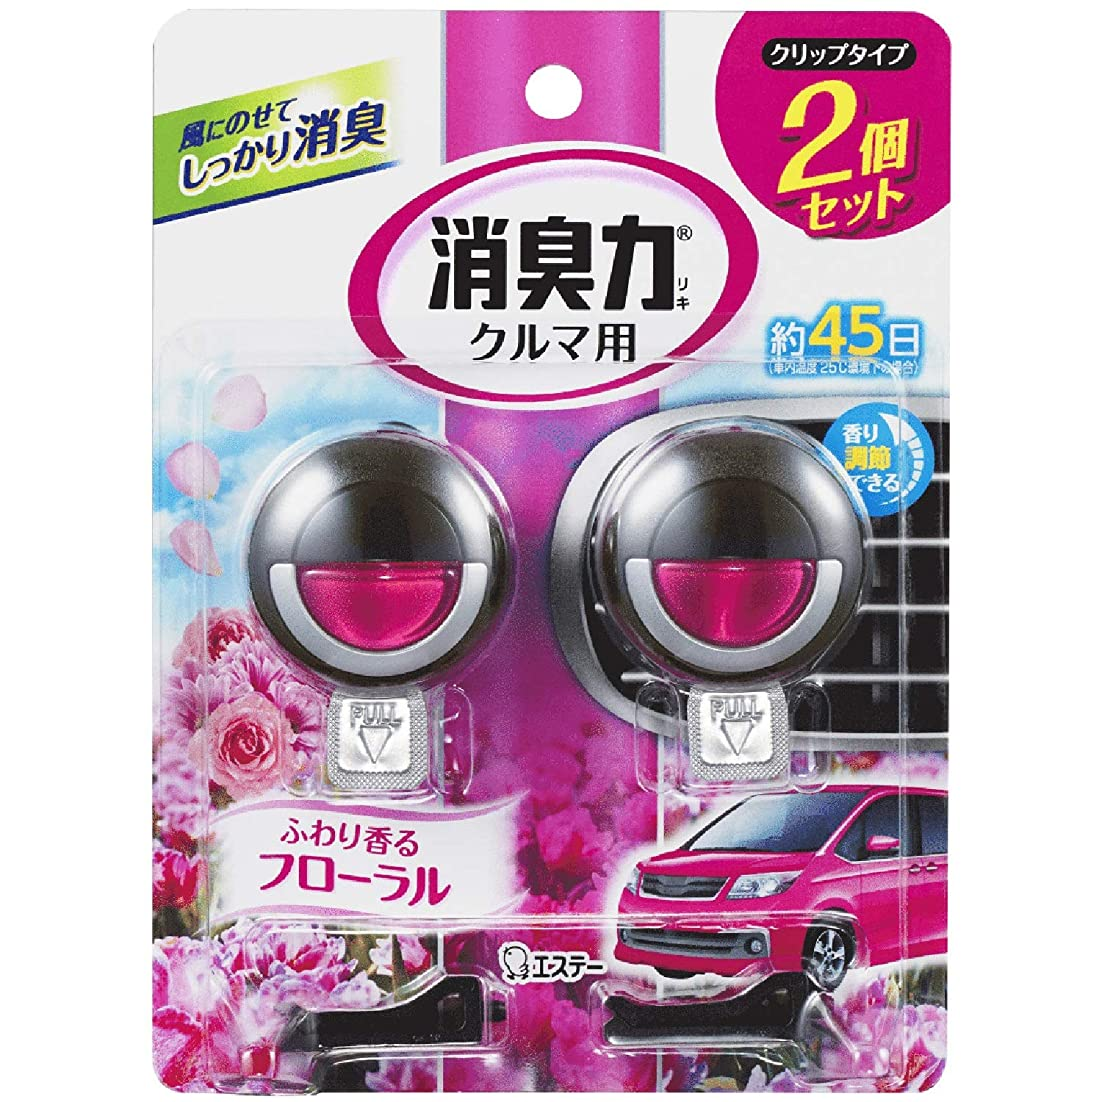 カウボーイジョージバーナードテメリティクルマの消臭力 クリップタイプ 消臭芳香剤 車用 フローラルの香り 2個セット